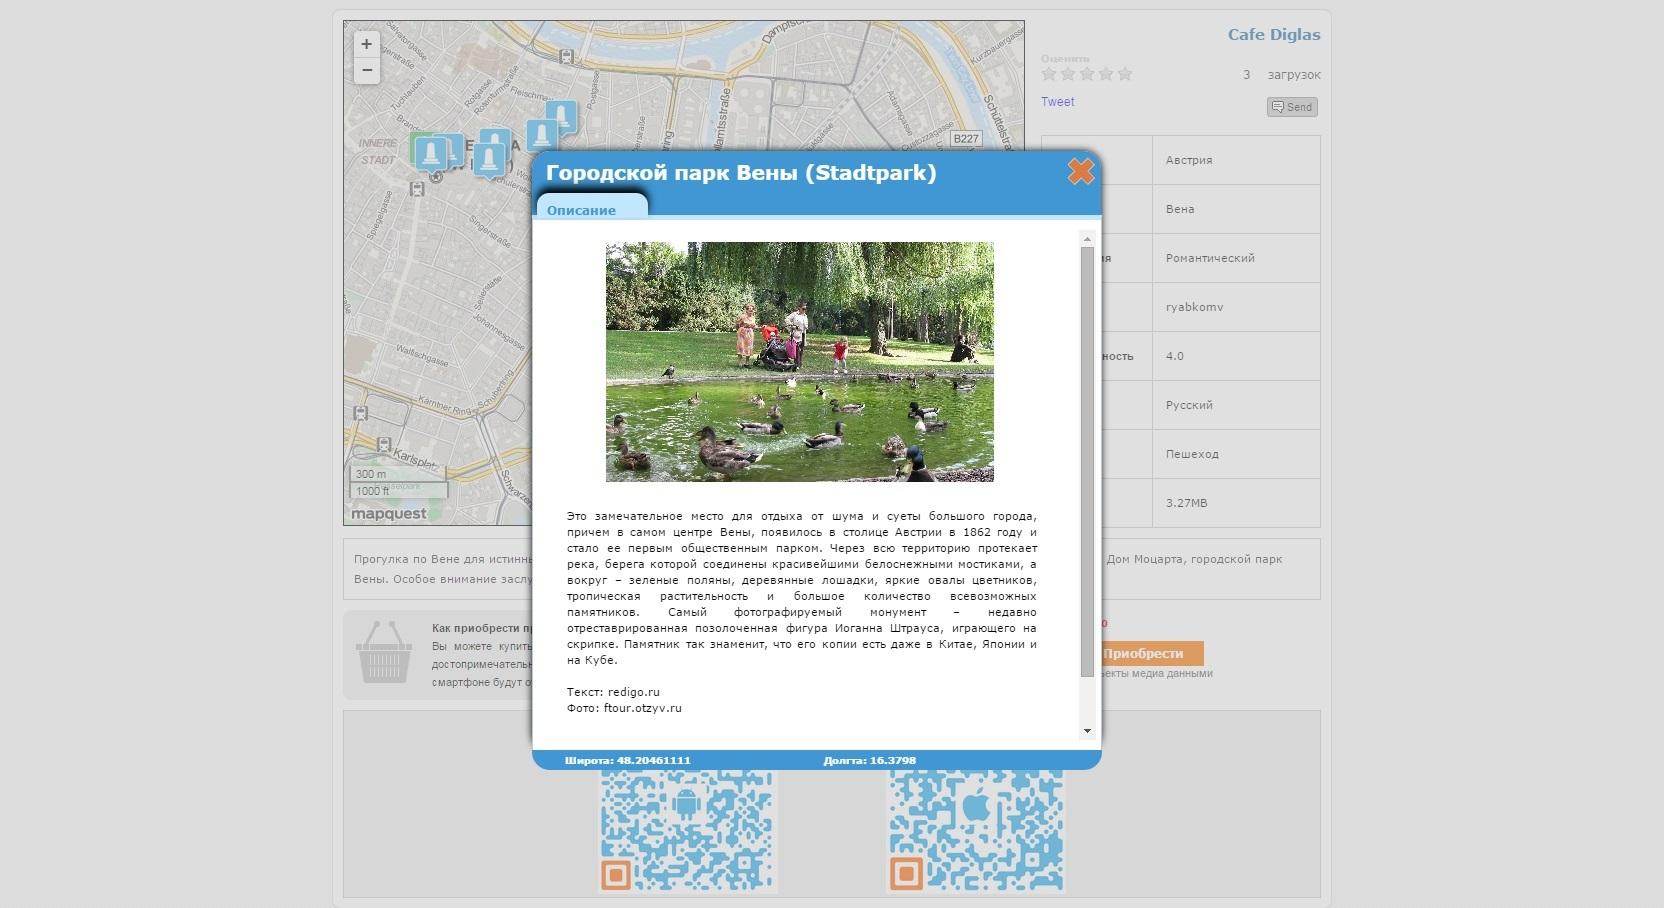 Городской парк Вены описание достопримечательности